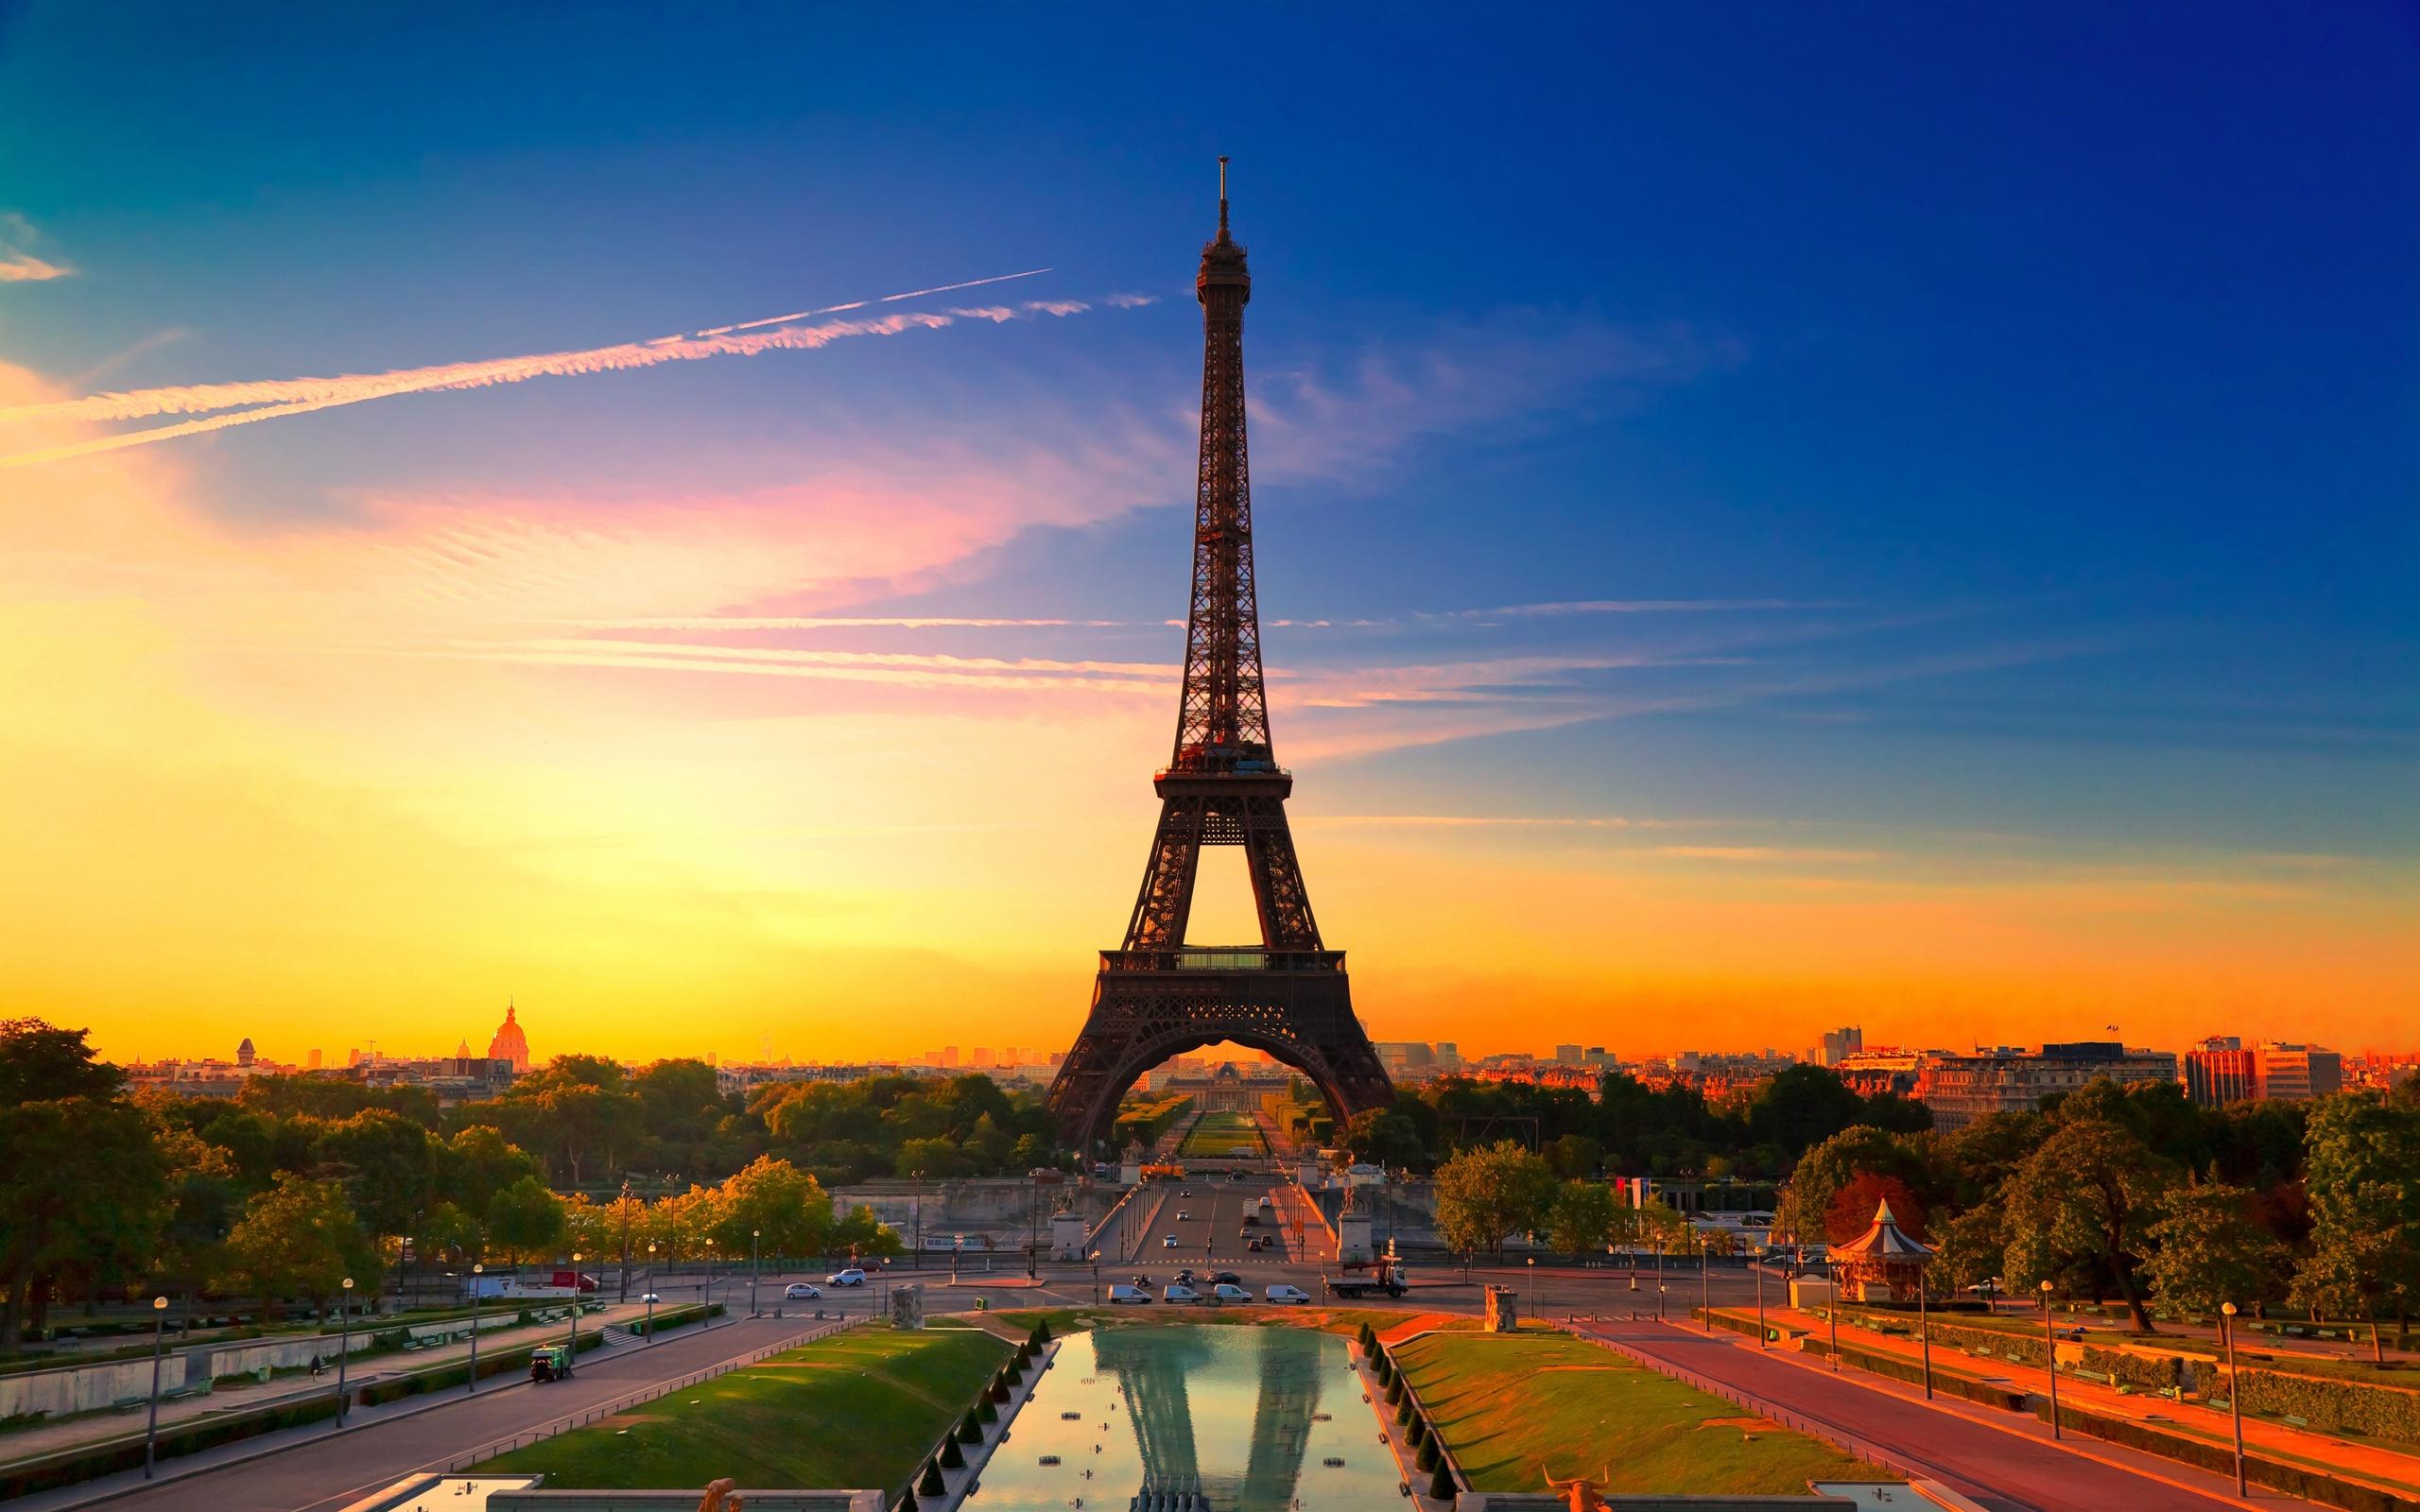 Hintergrundbilder beschreibung stadt paris frankreich eiffelturm